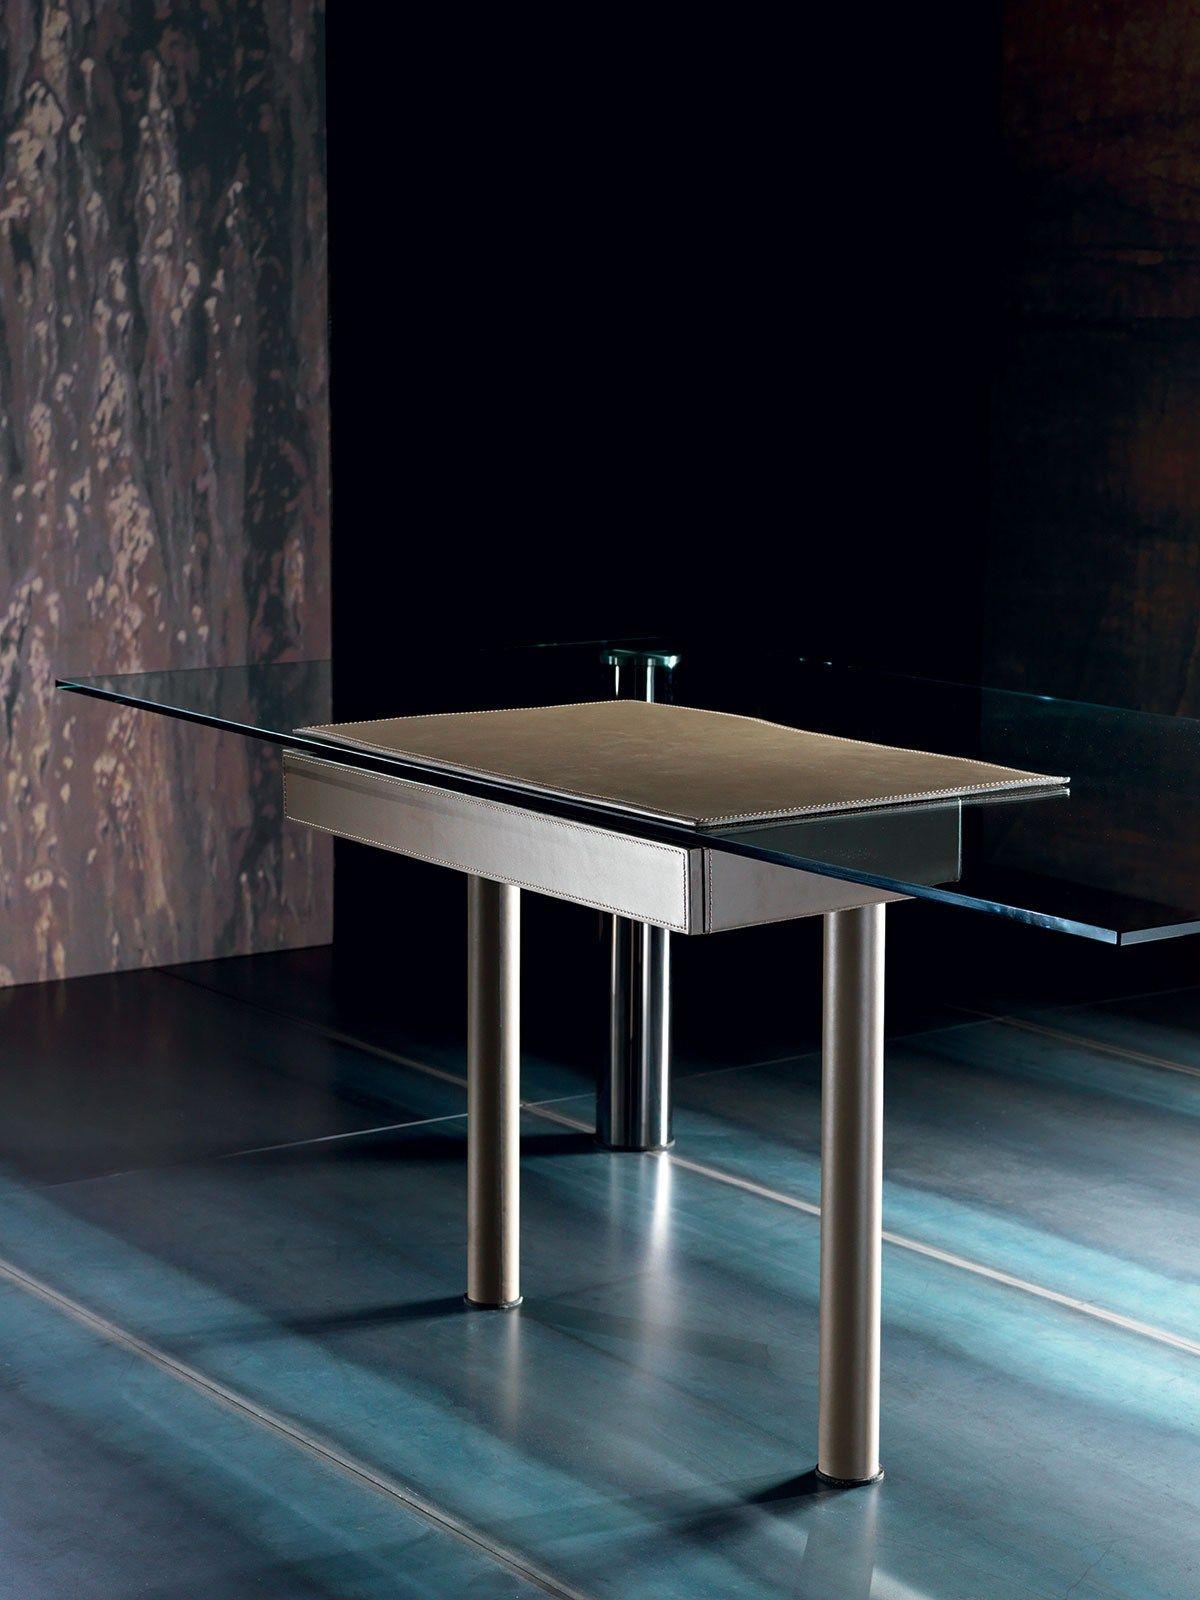 krystal executive office desk. Krystal Executive Office Desk